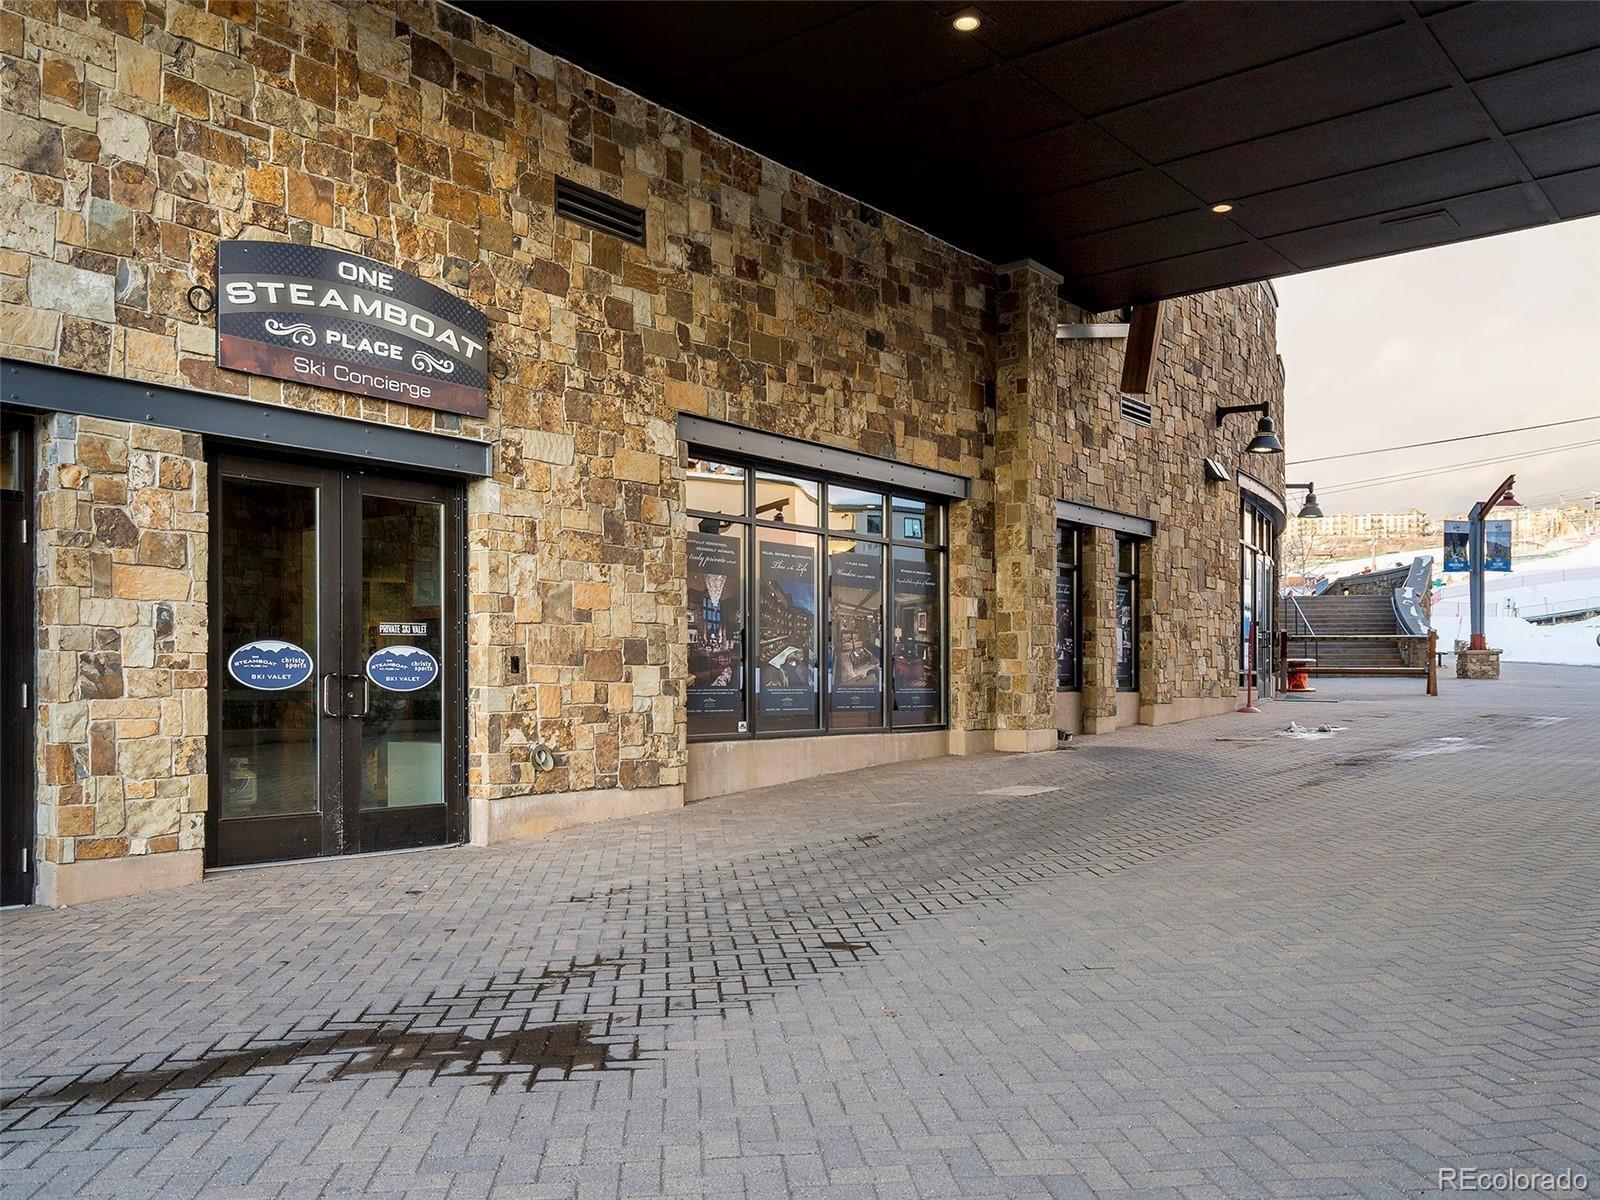 MLS# 7230921 - 28 - 2250 Apres Ski Way #403-II, Steamboat Springs, CO 80487